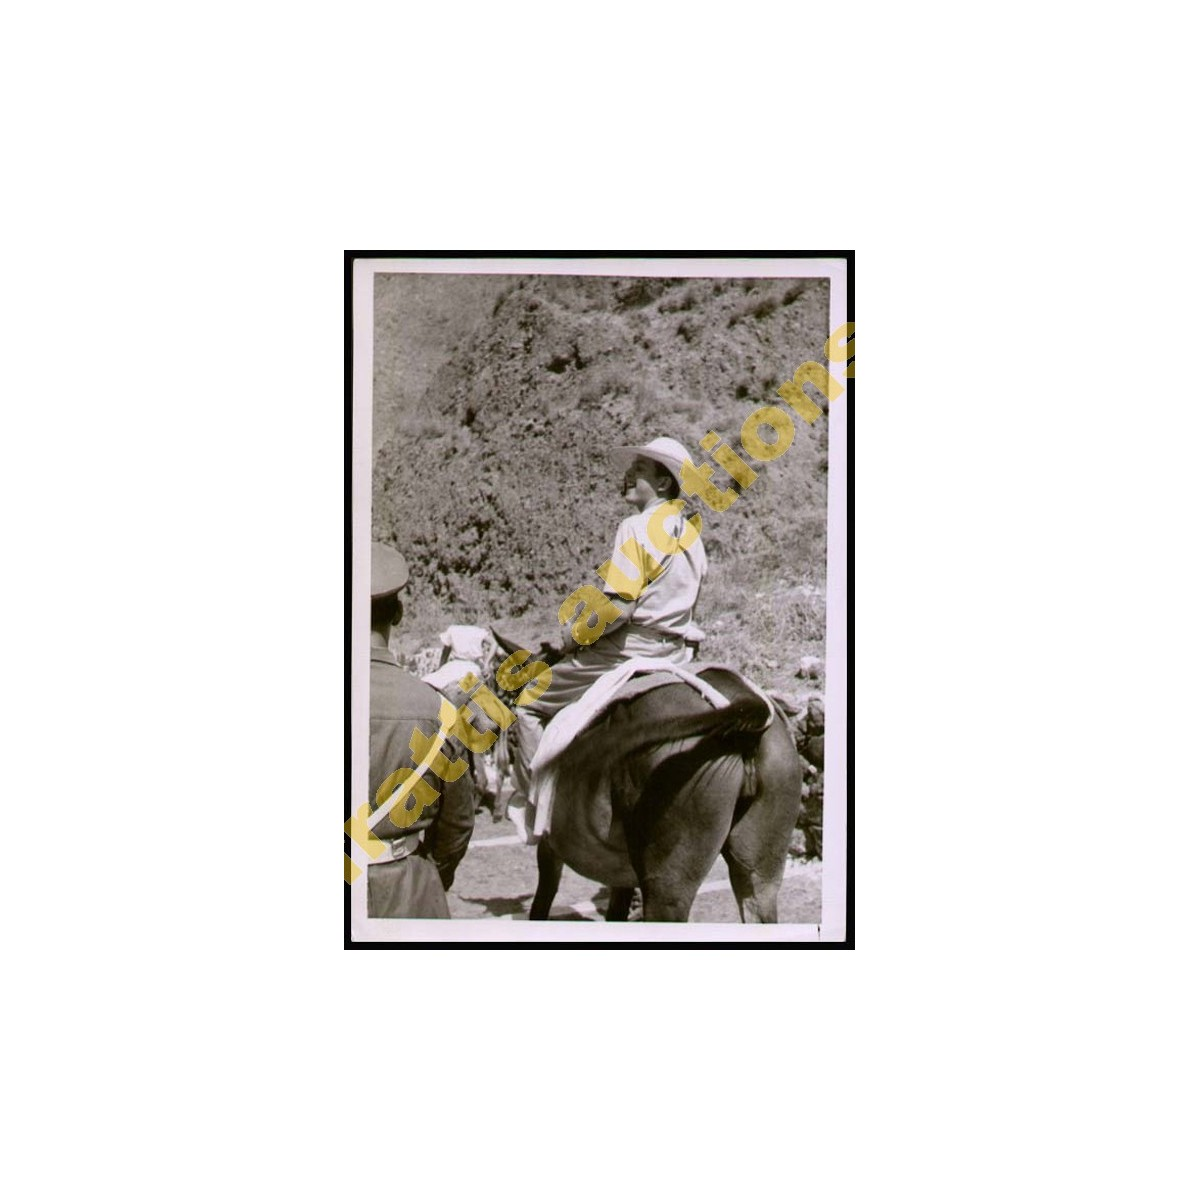 Φωτογραφία του Βασ. Κωνσταντίνου σε βόλτα στην ύπαιθρο.